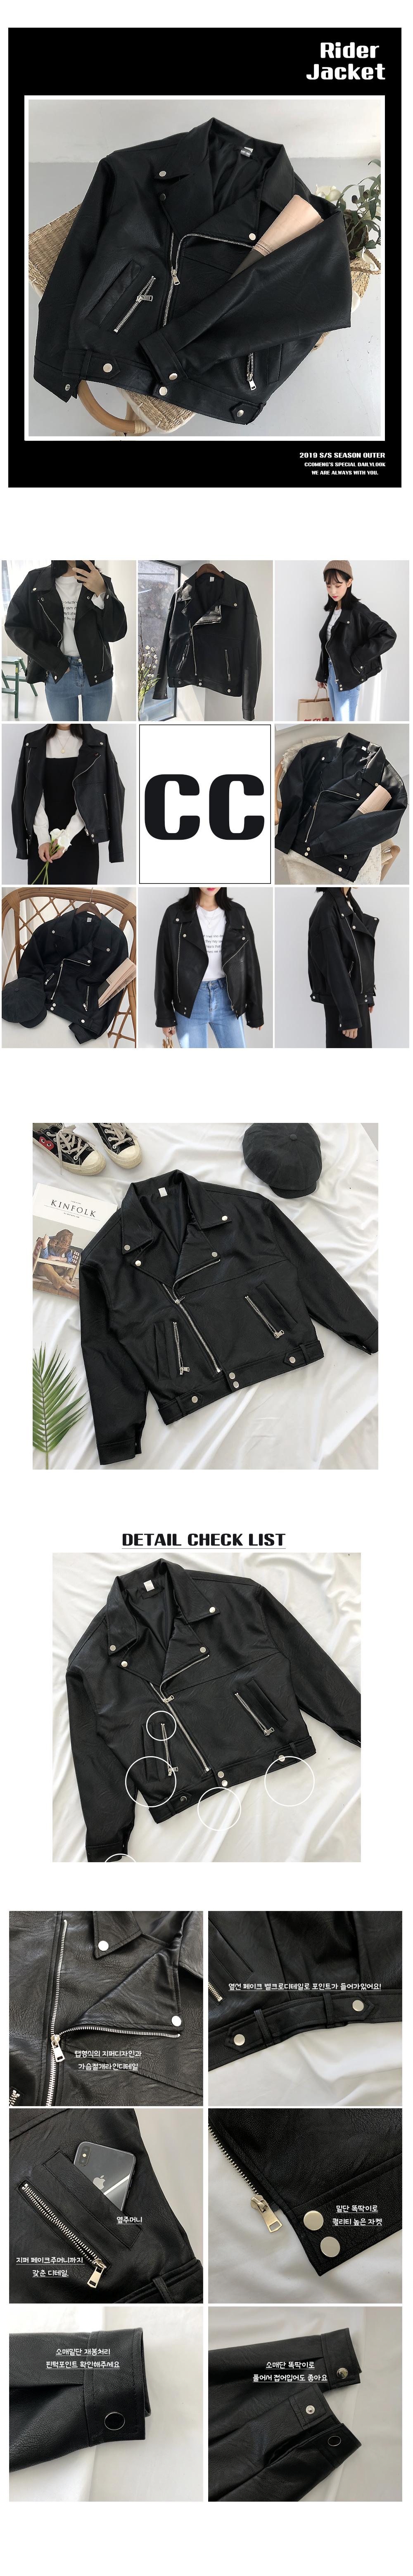 Leather Rider Short Jacket